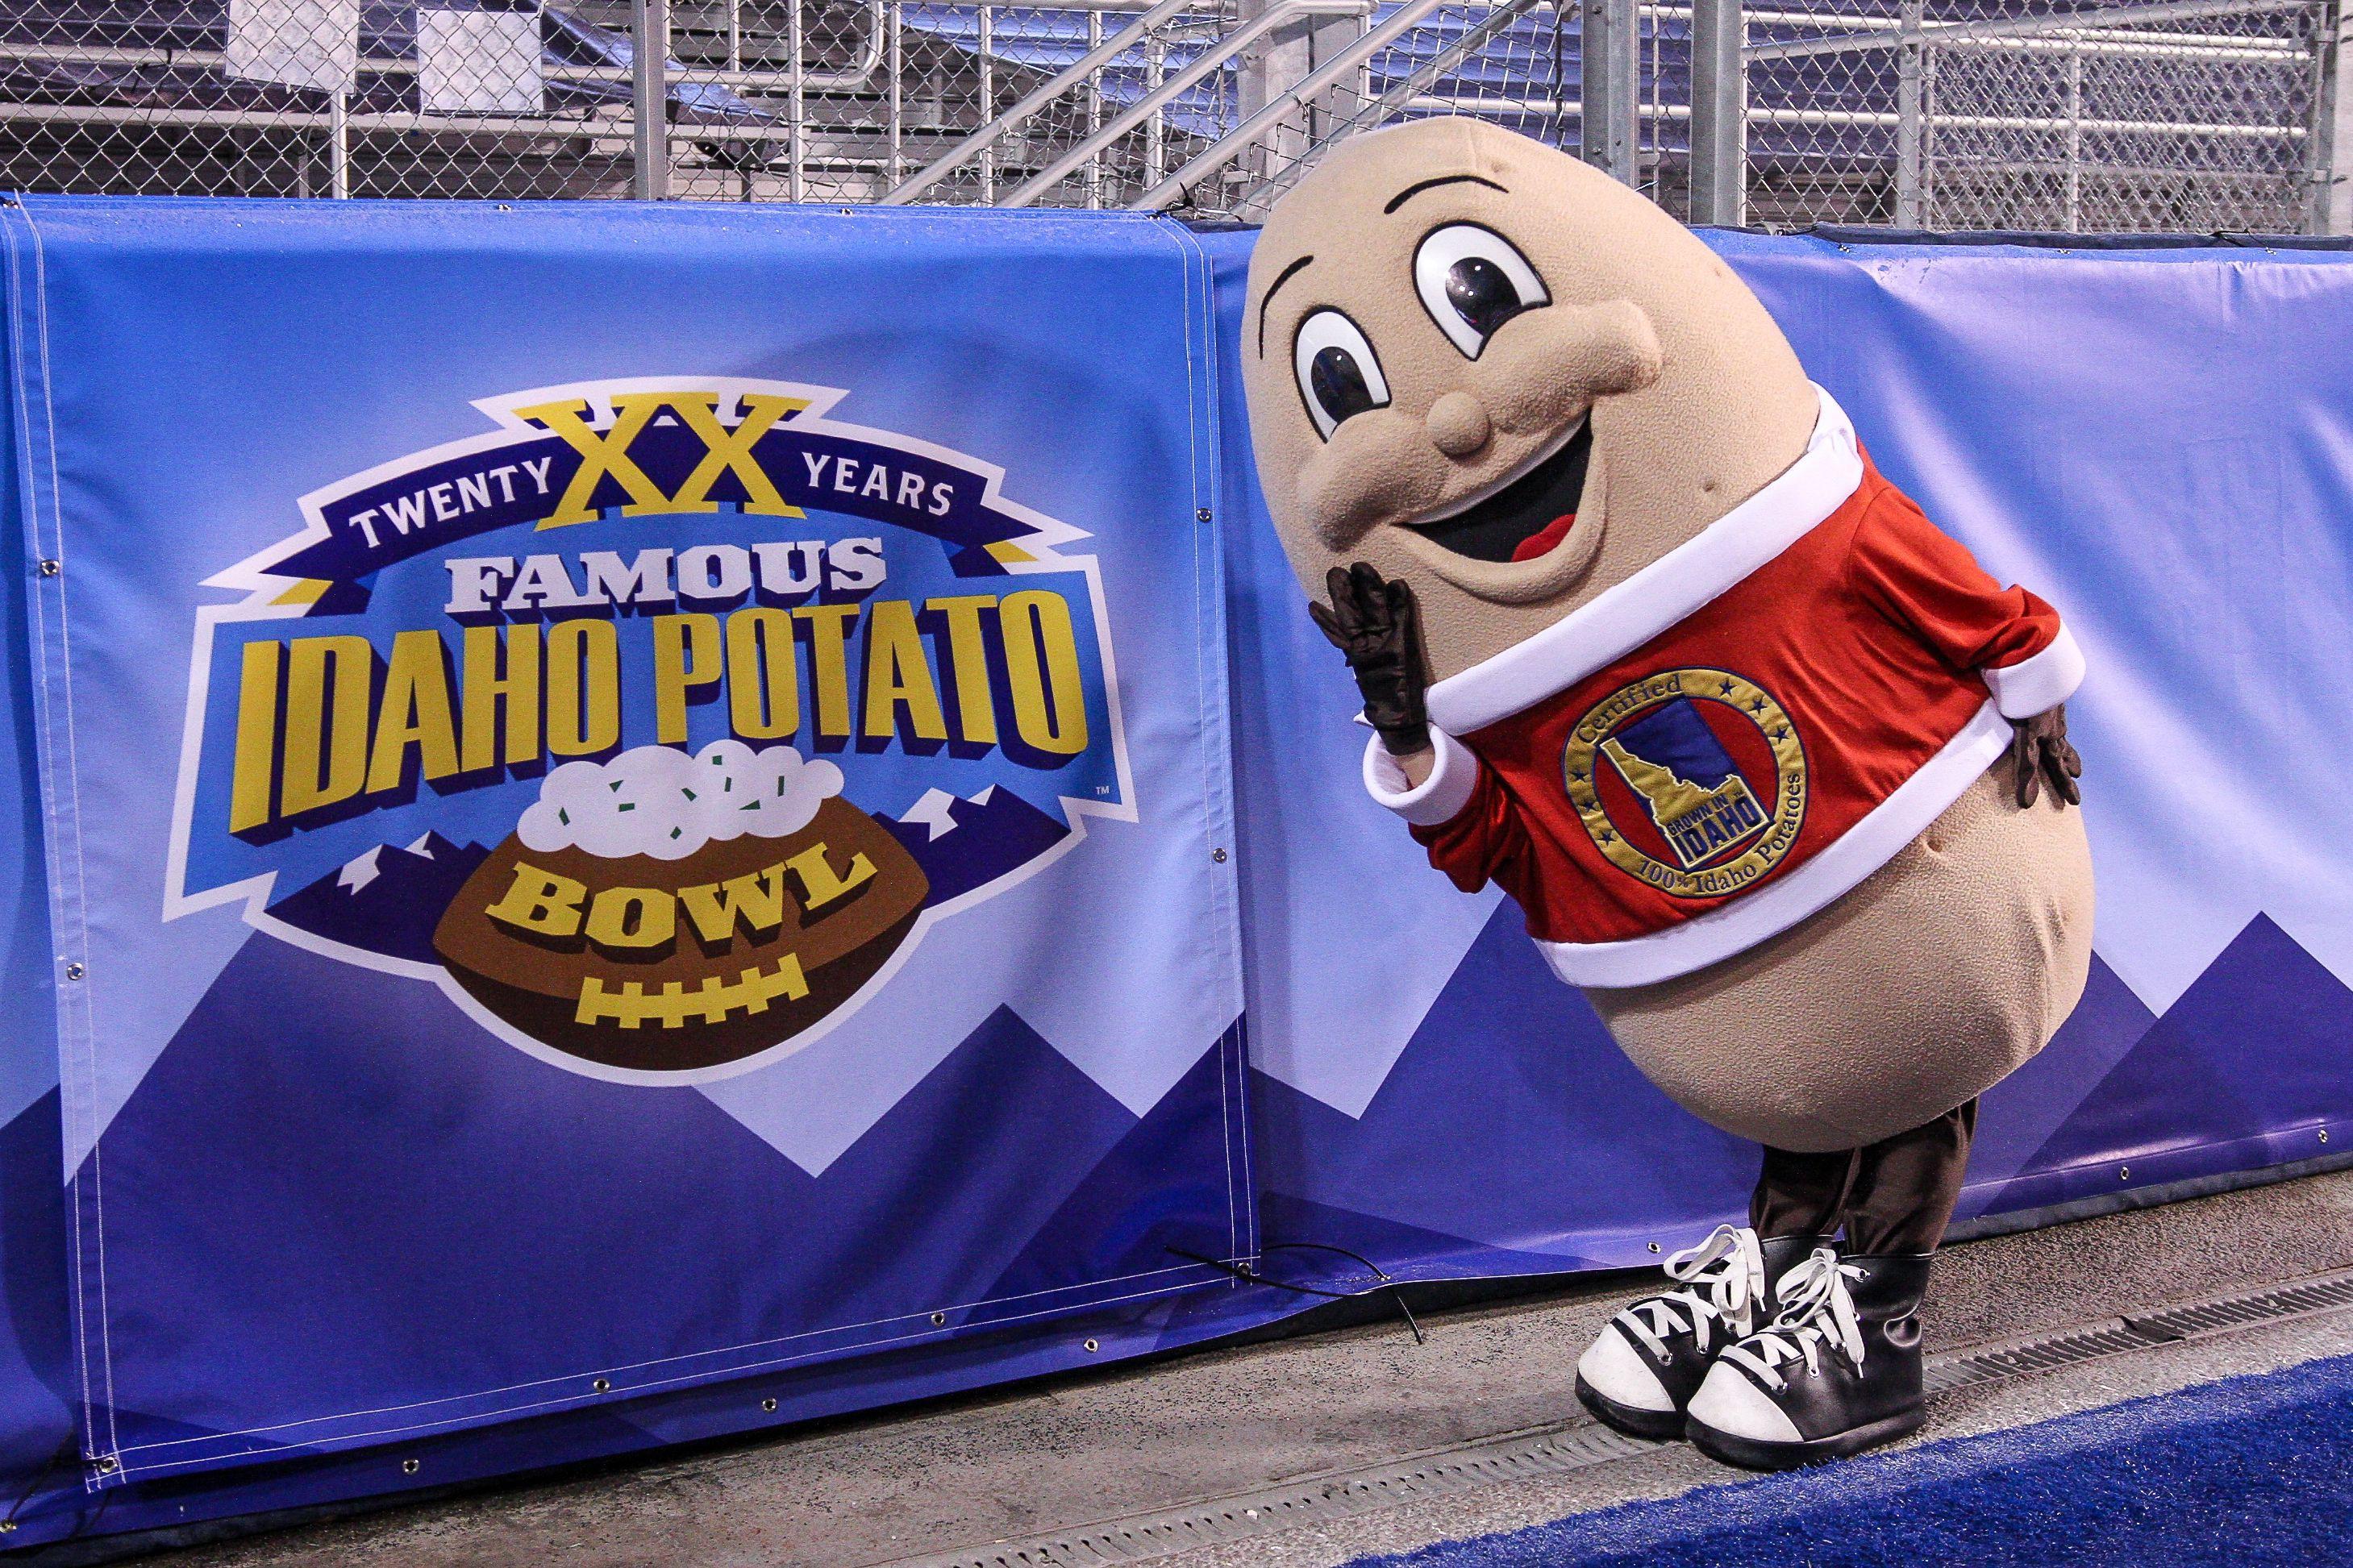 Idaho Potato Bowl  Wyoming Football 5 predictions vs CMU in Famous Idaho